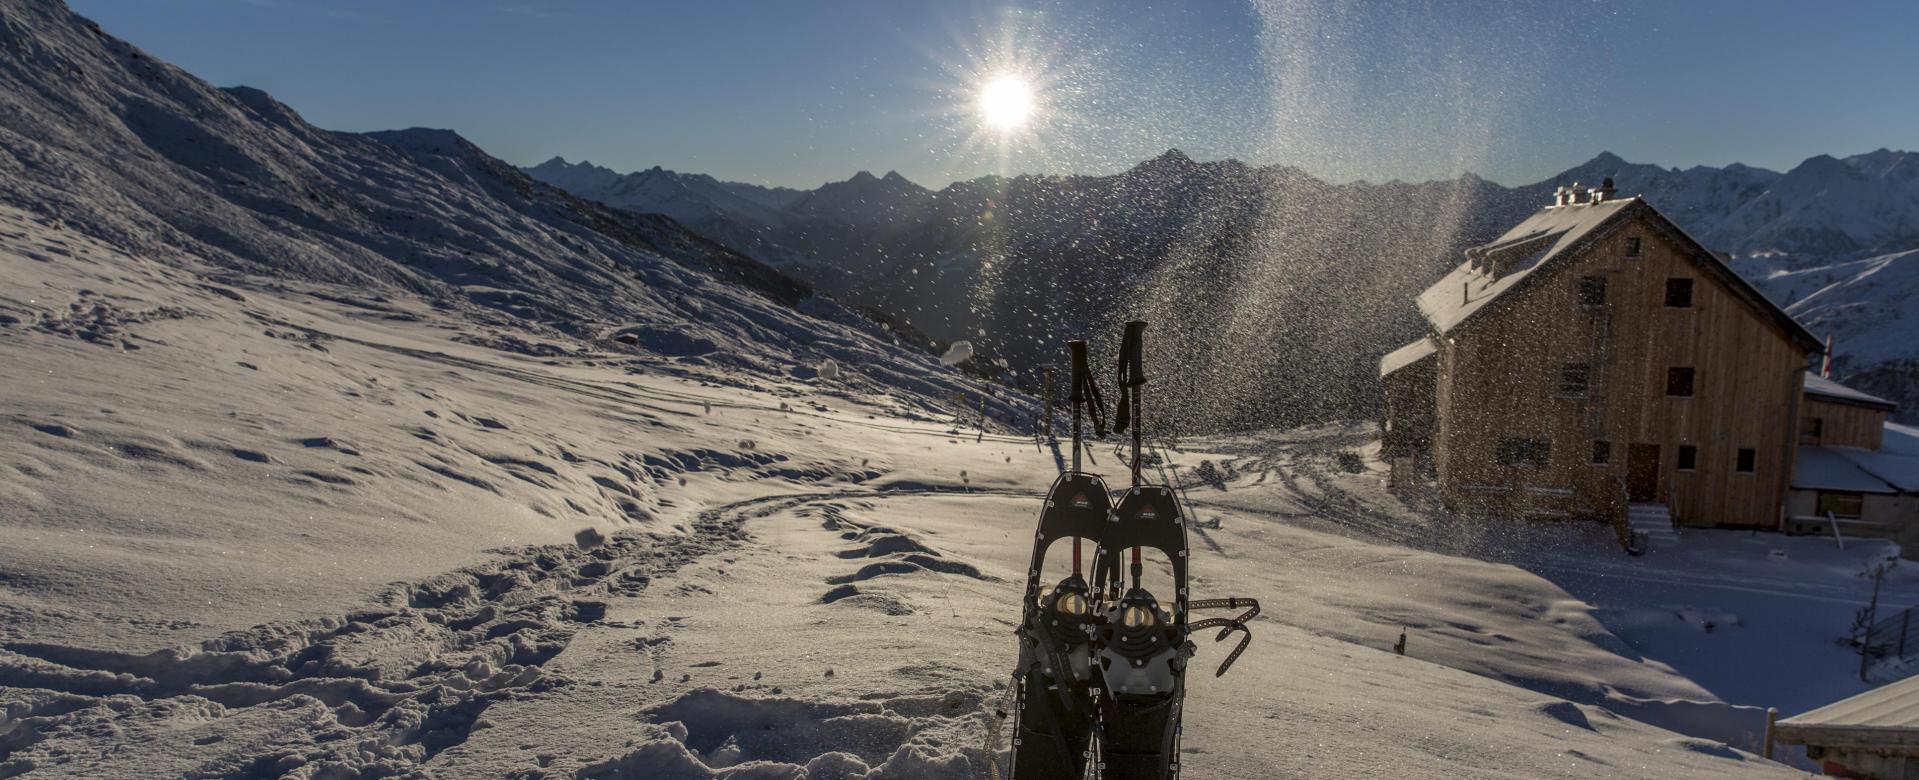 Voyage à la neige Autriche : Rando-forme dans le tyrol